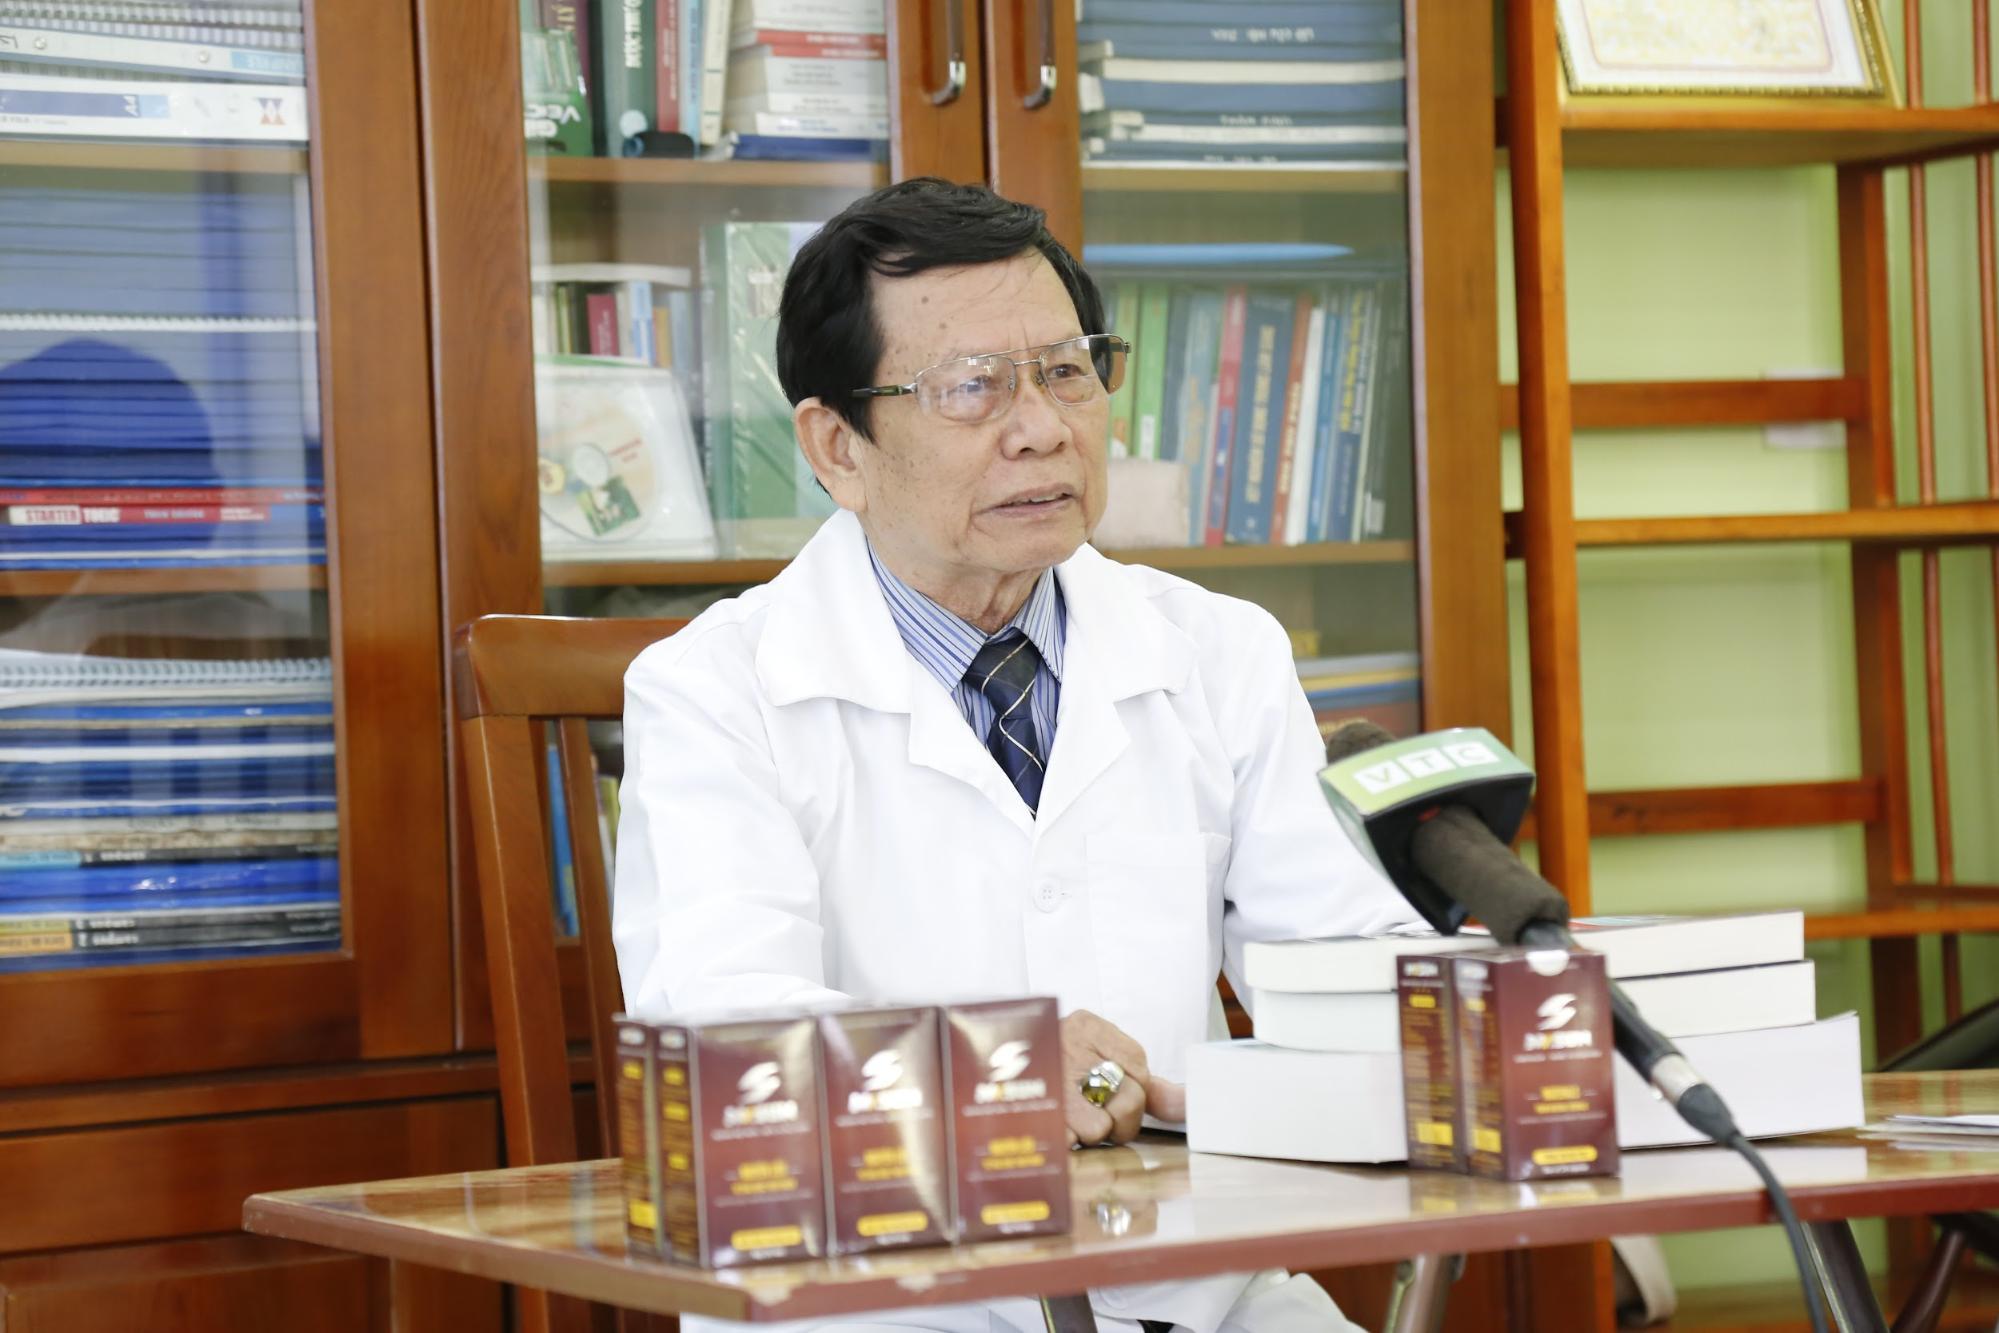 Viên uống Mr Sun được Bác sĩ Phạm Hoà Lan khuyên dùng